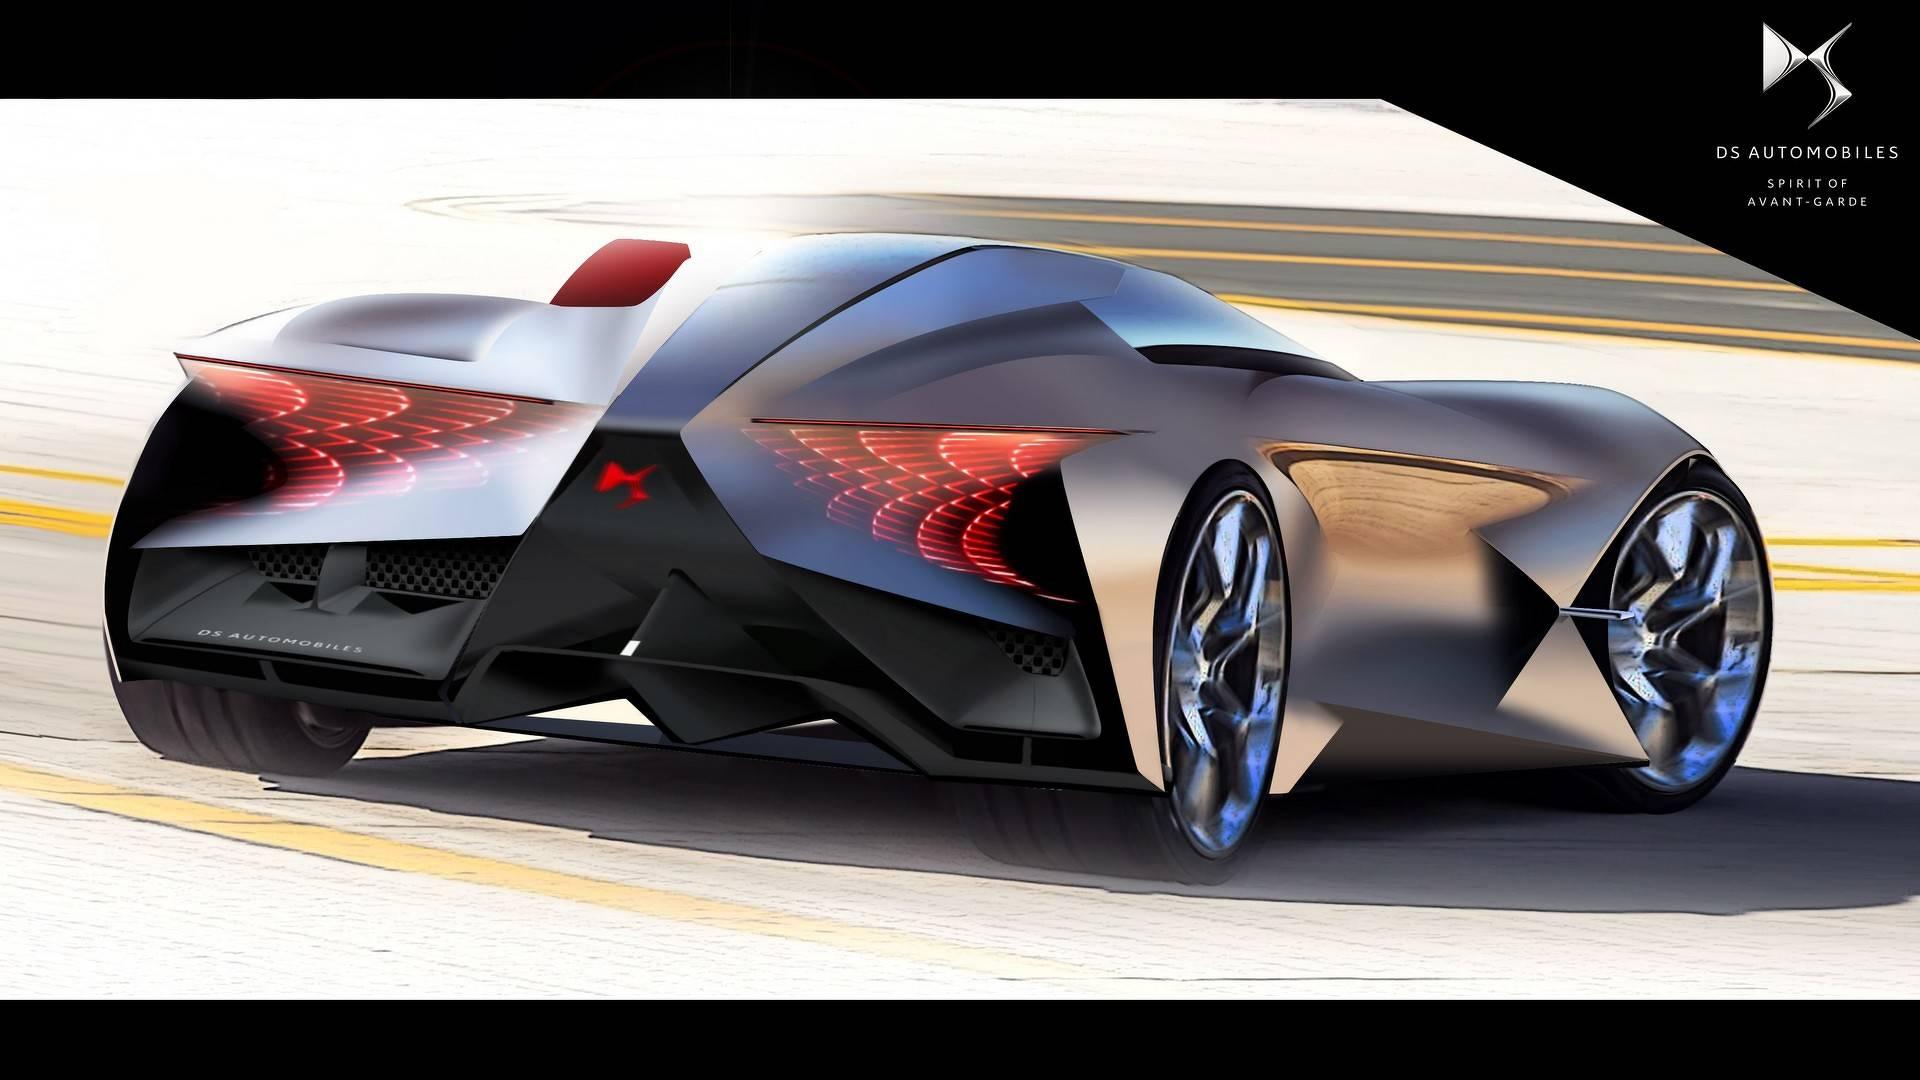 DS X E-Tense electric hypercar concept_3